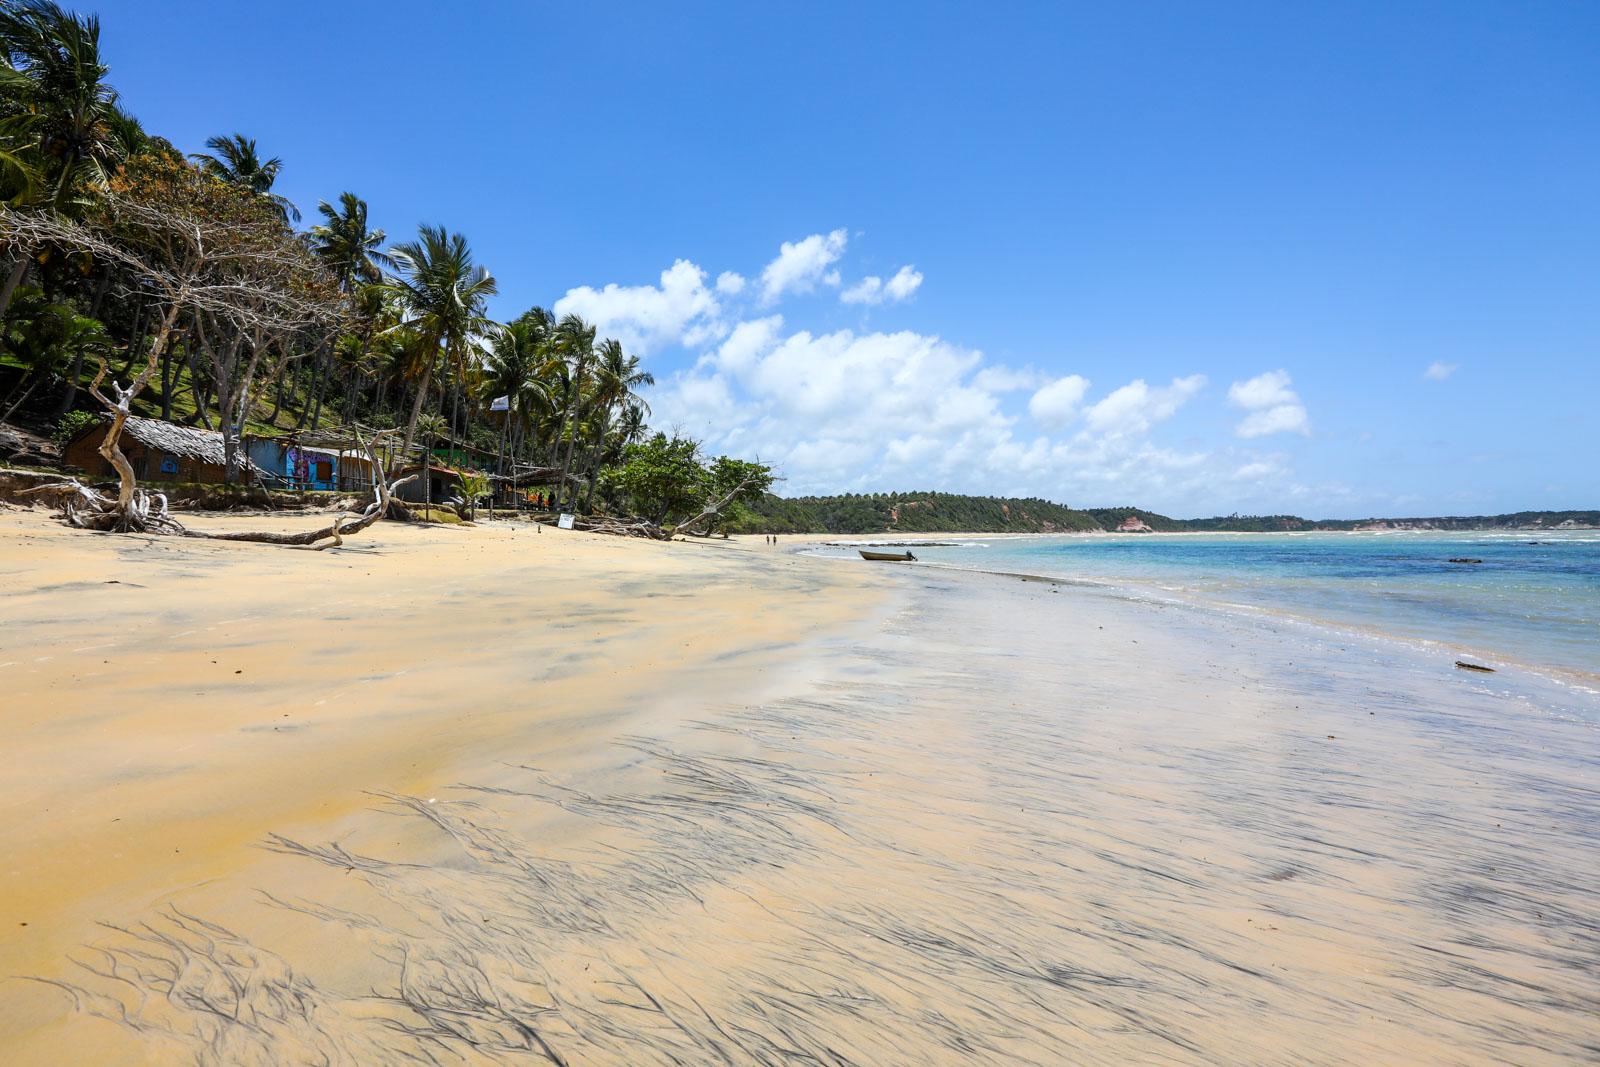 praias desertas no brasil